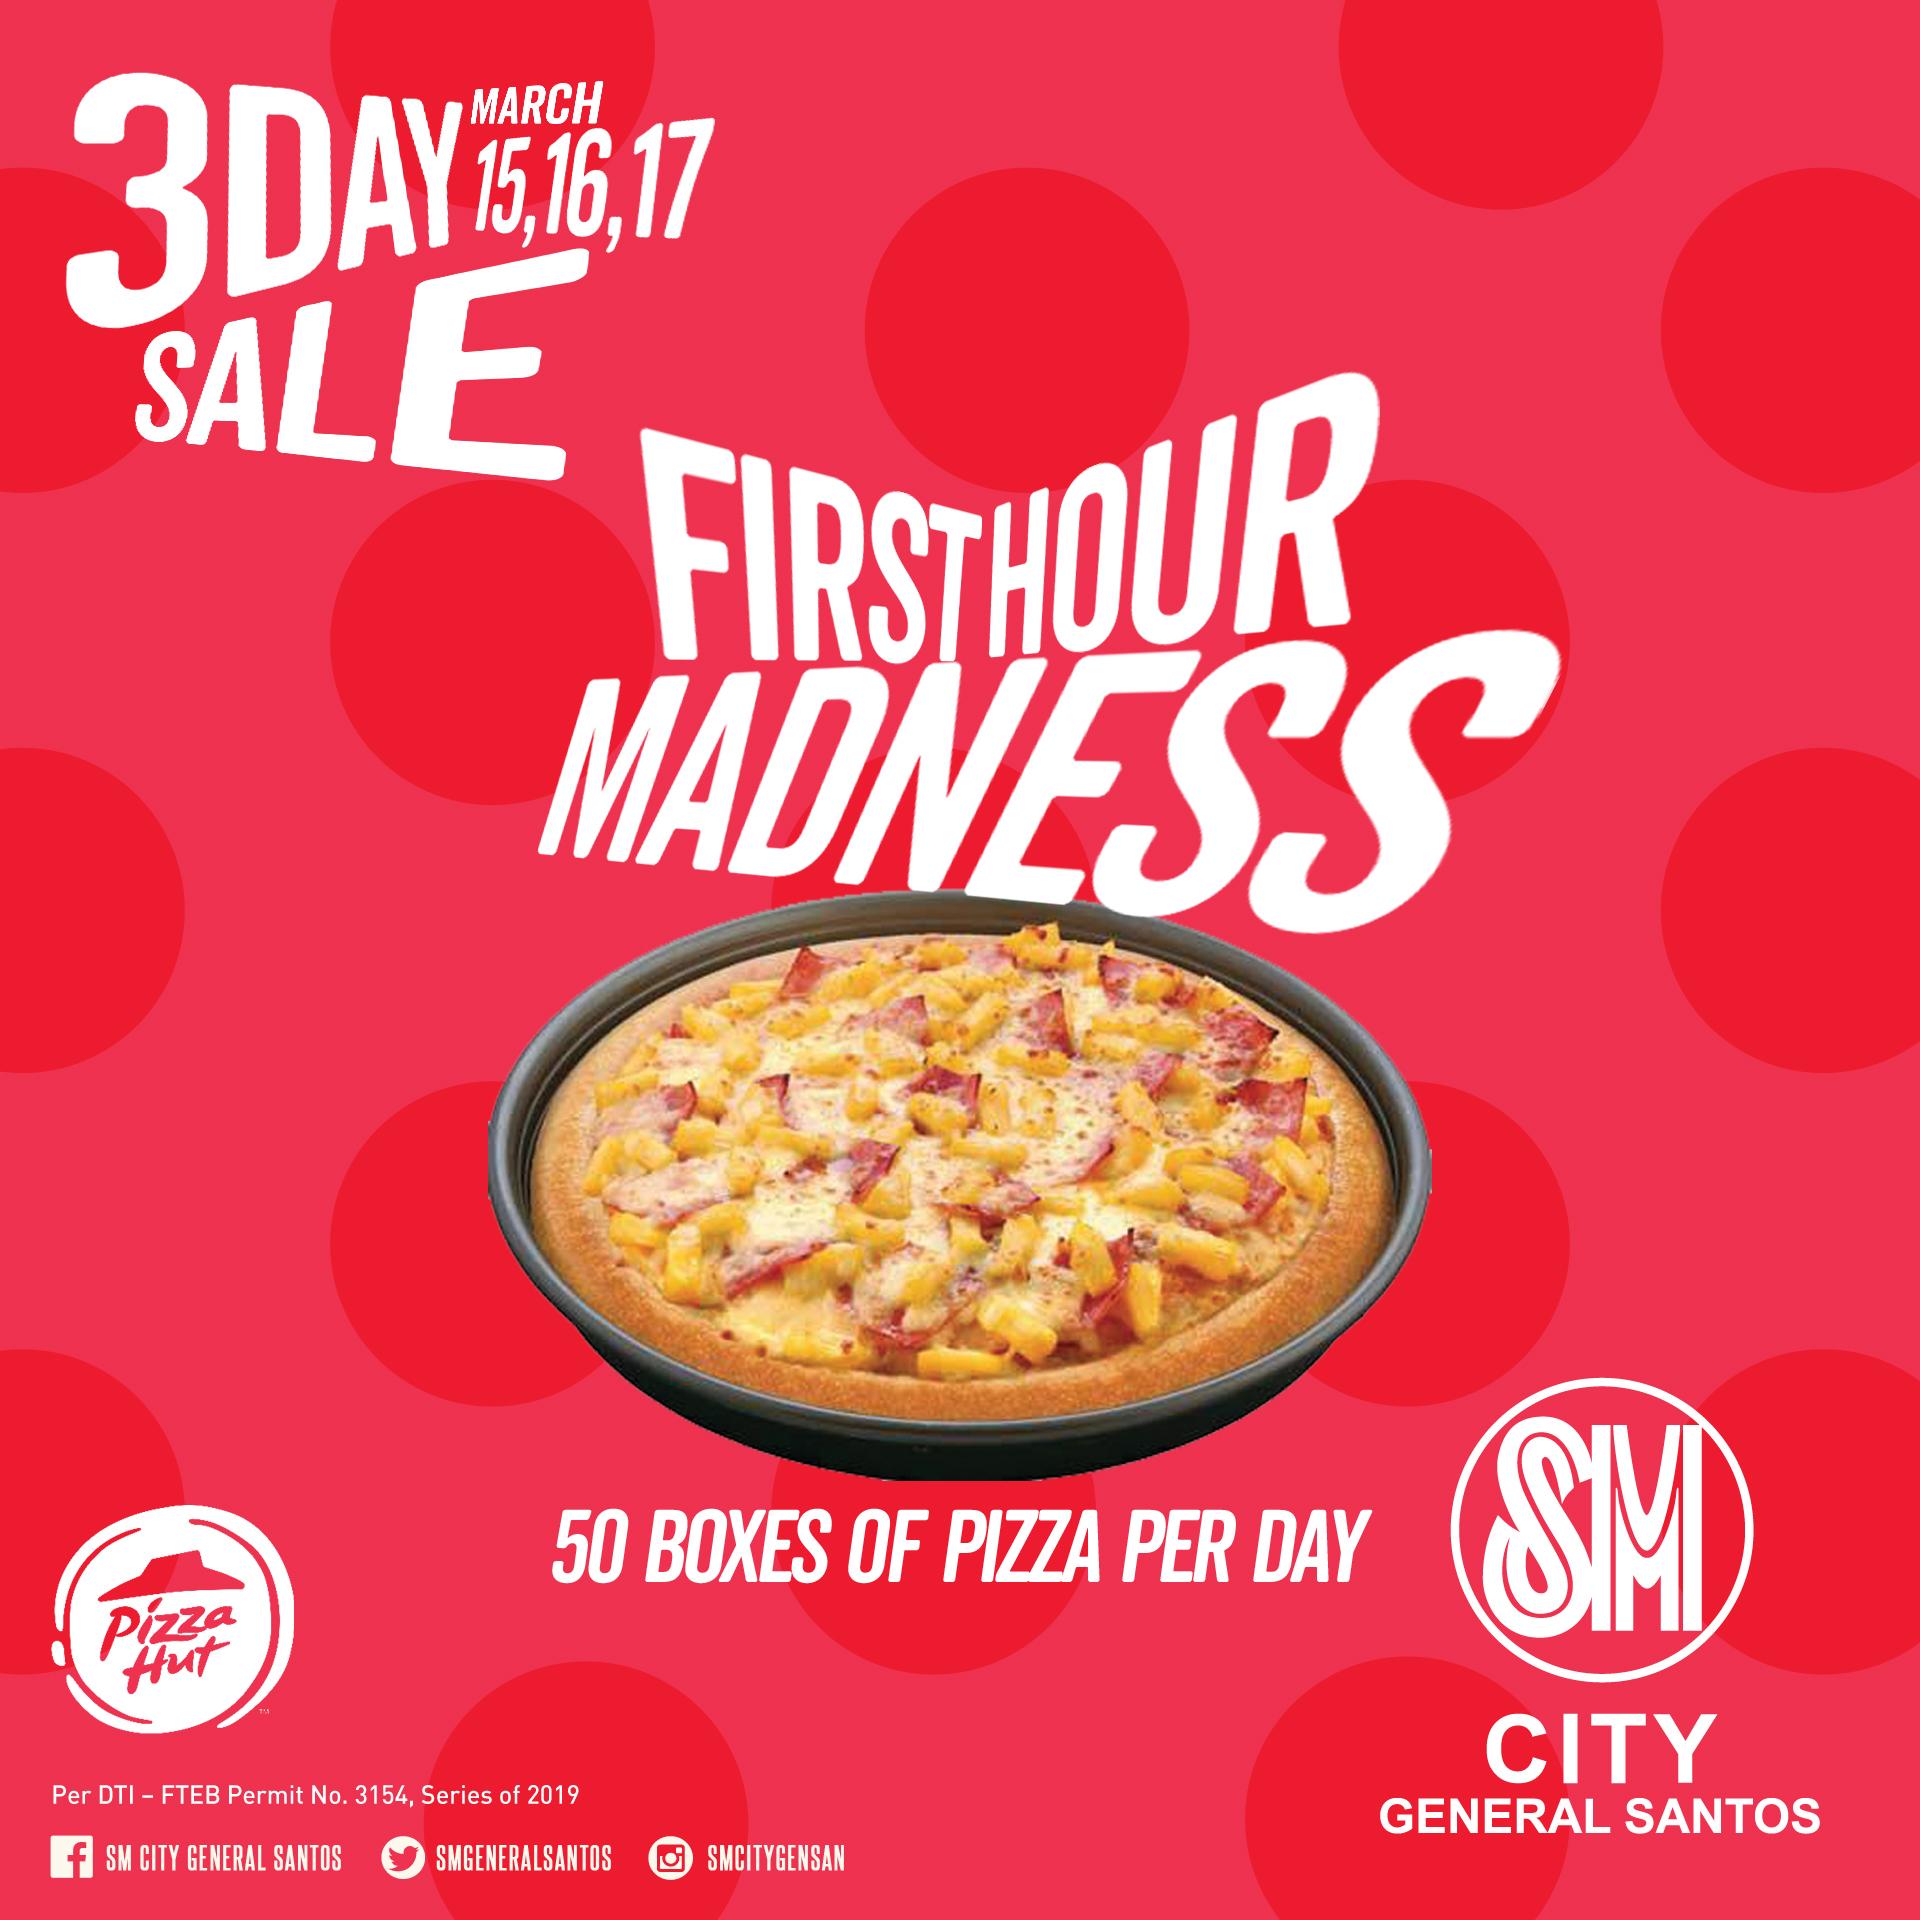 SM GENSAN 3DAY SALE FREE PIZZA